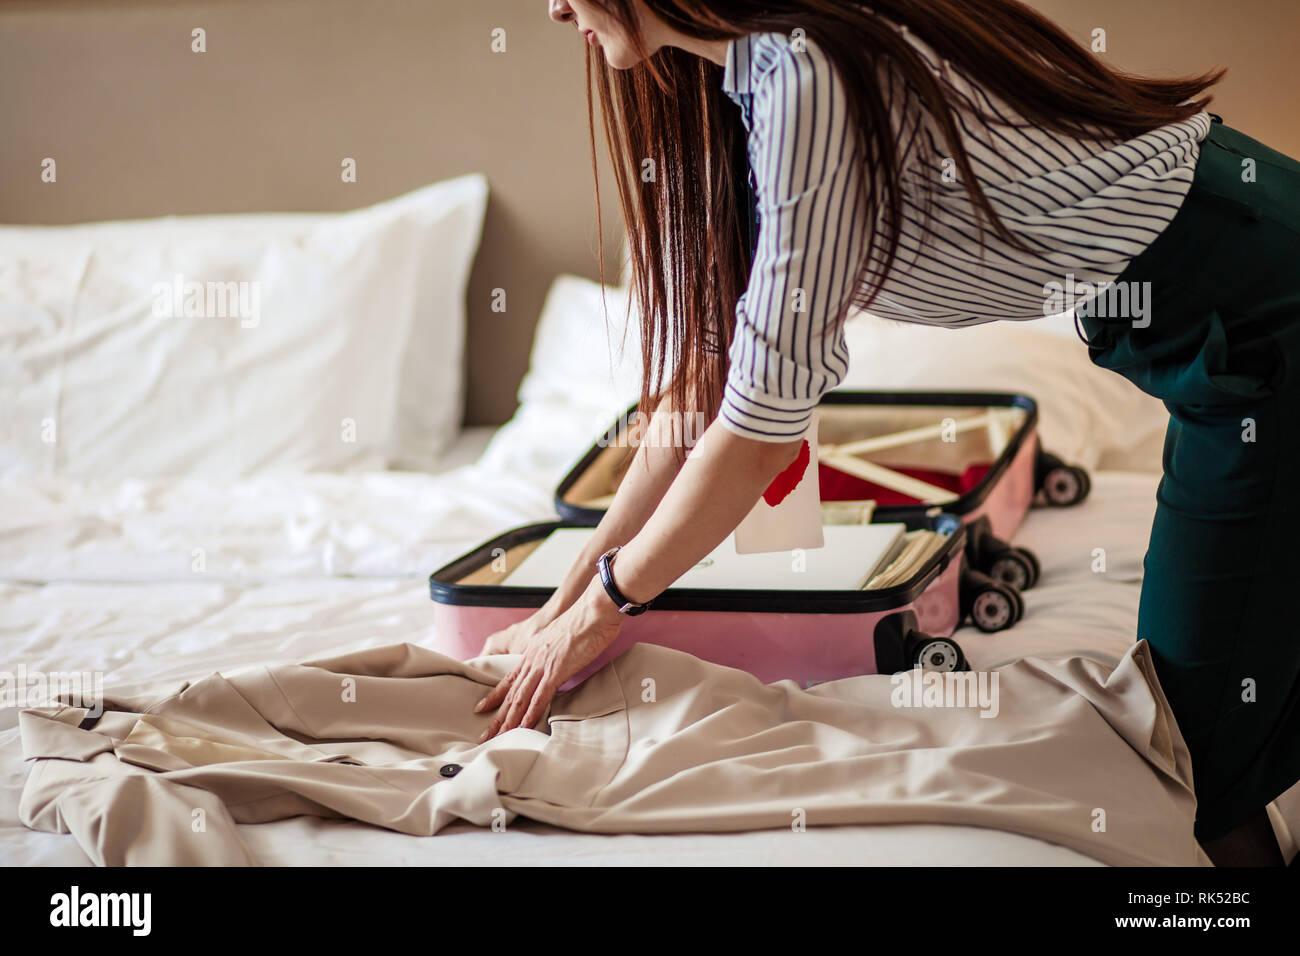 202ee060c Falda Elegante Imágenes De Stock & Falda Elegante Fotos De Stock - Alamy